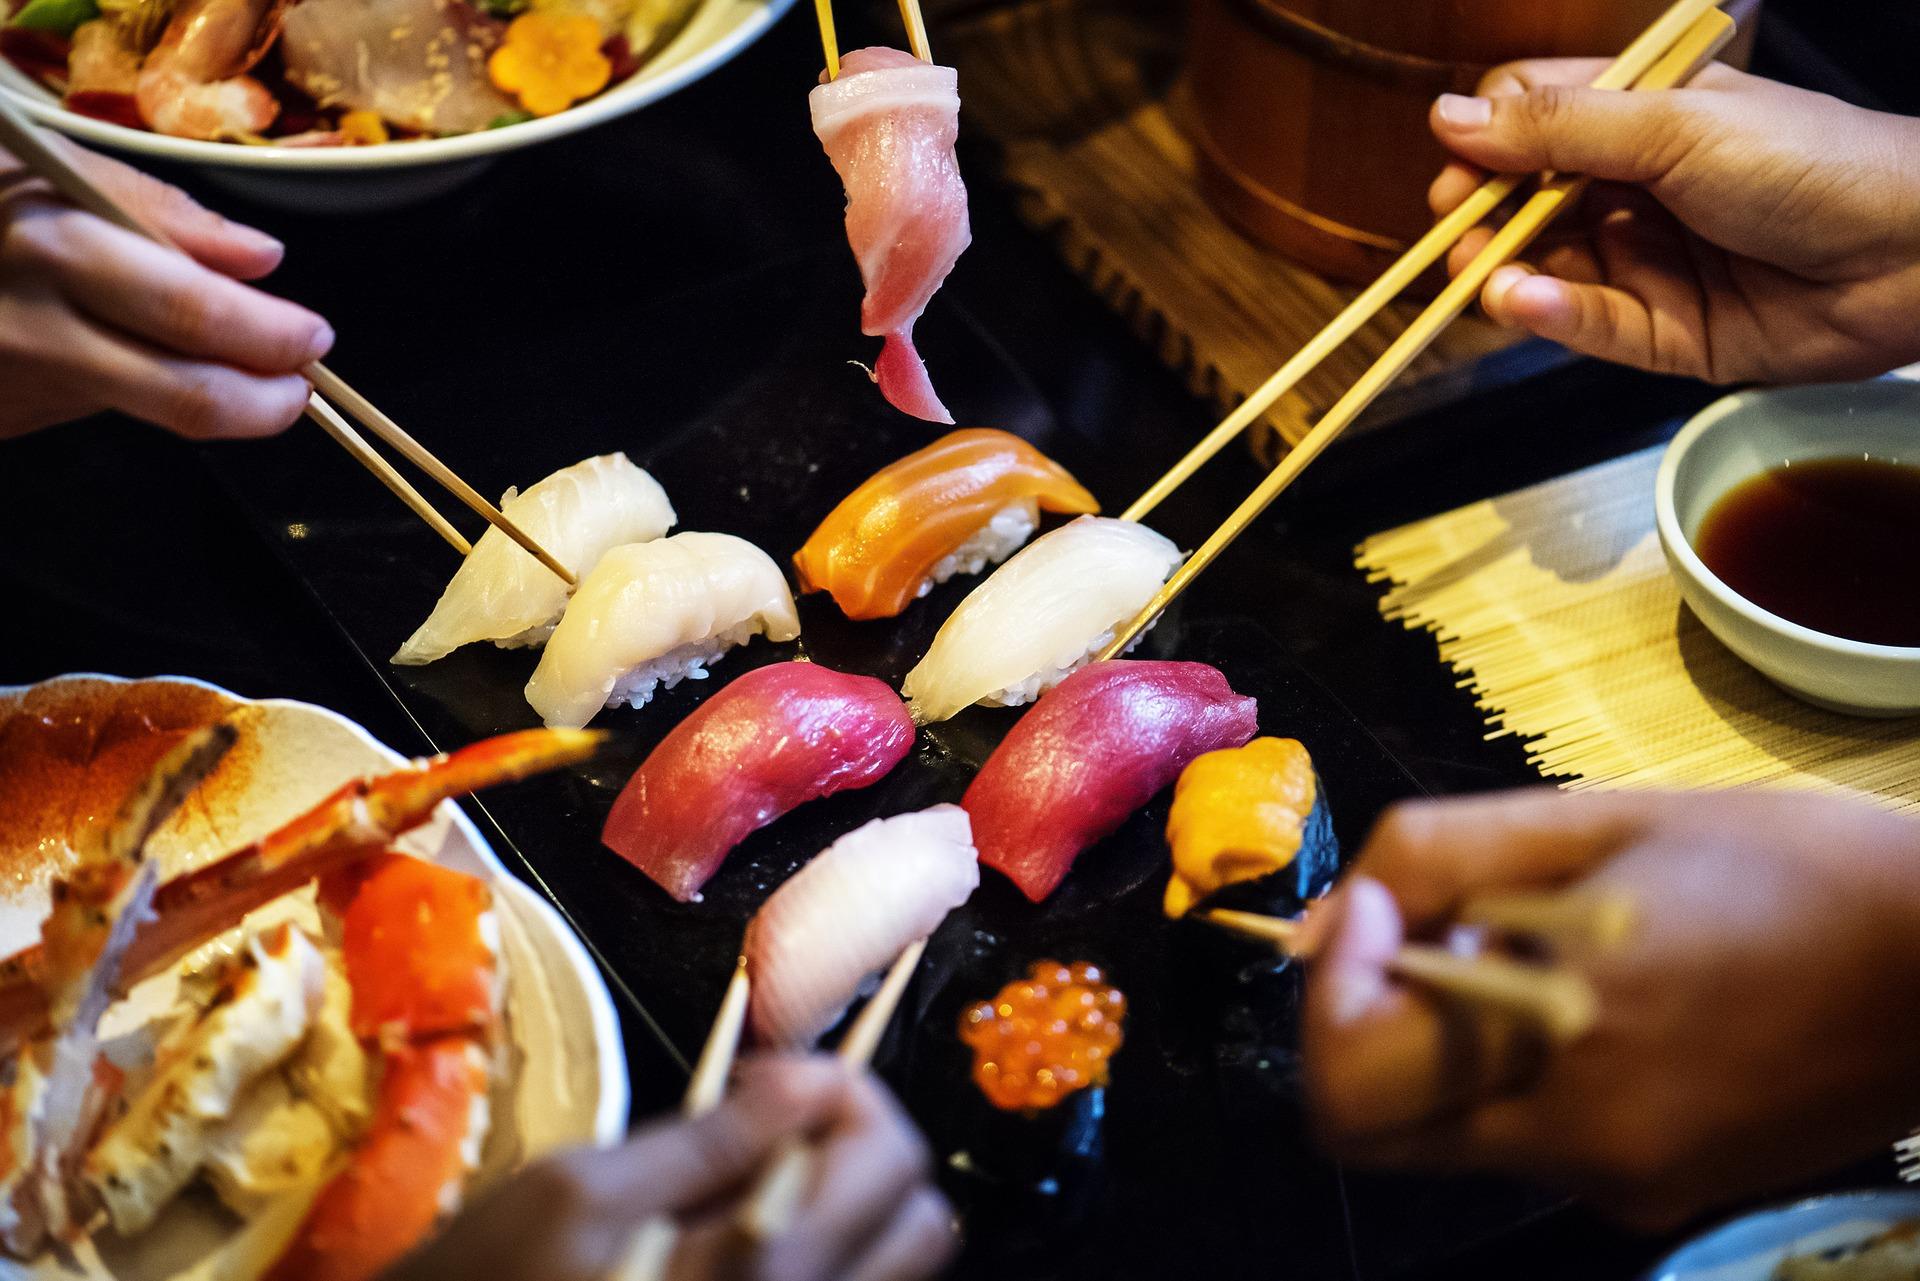 Topul ţărilor cu cea mai mare diversitate culinară